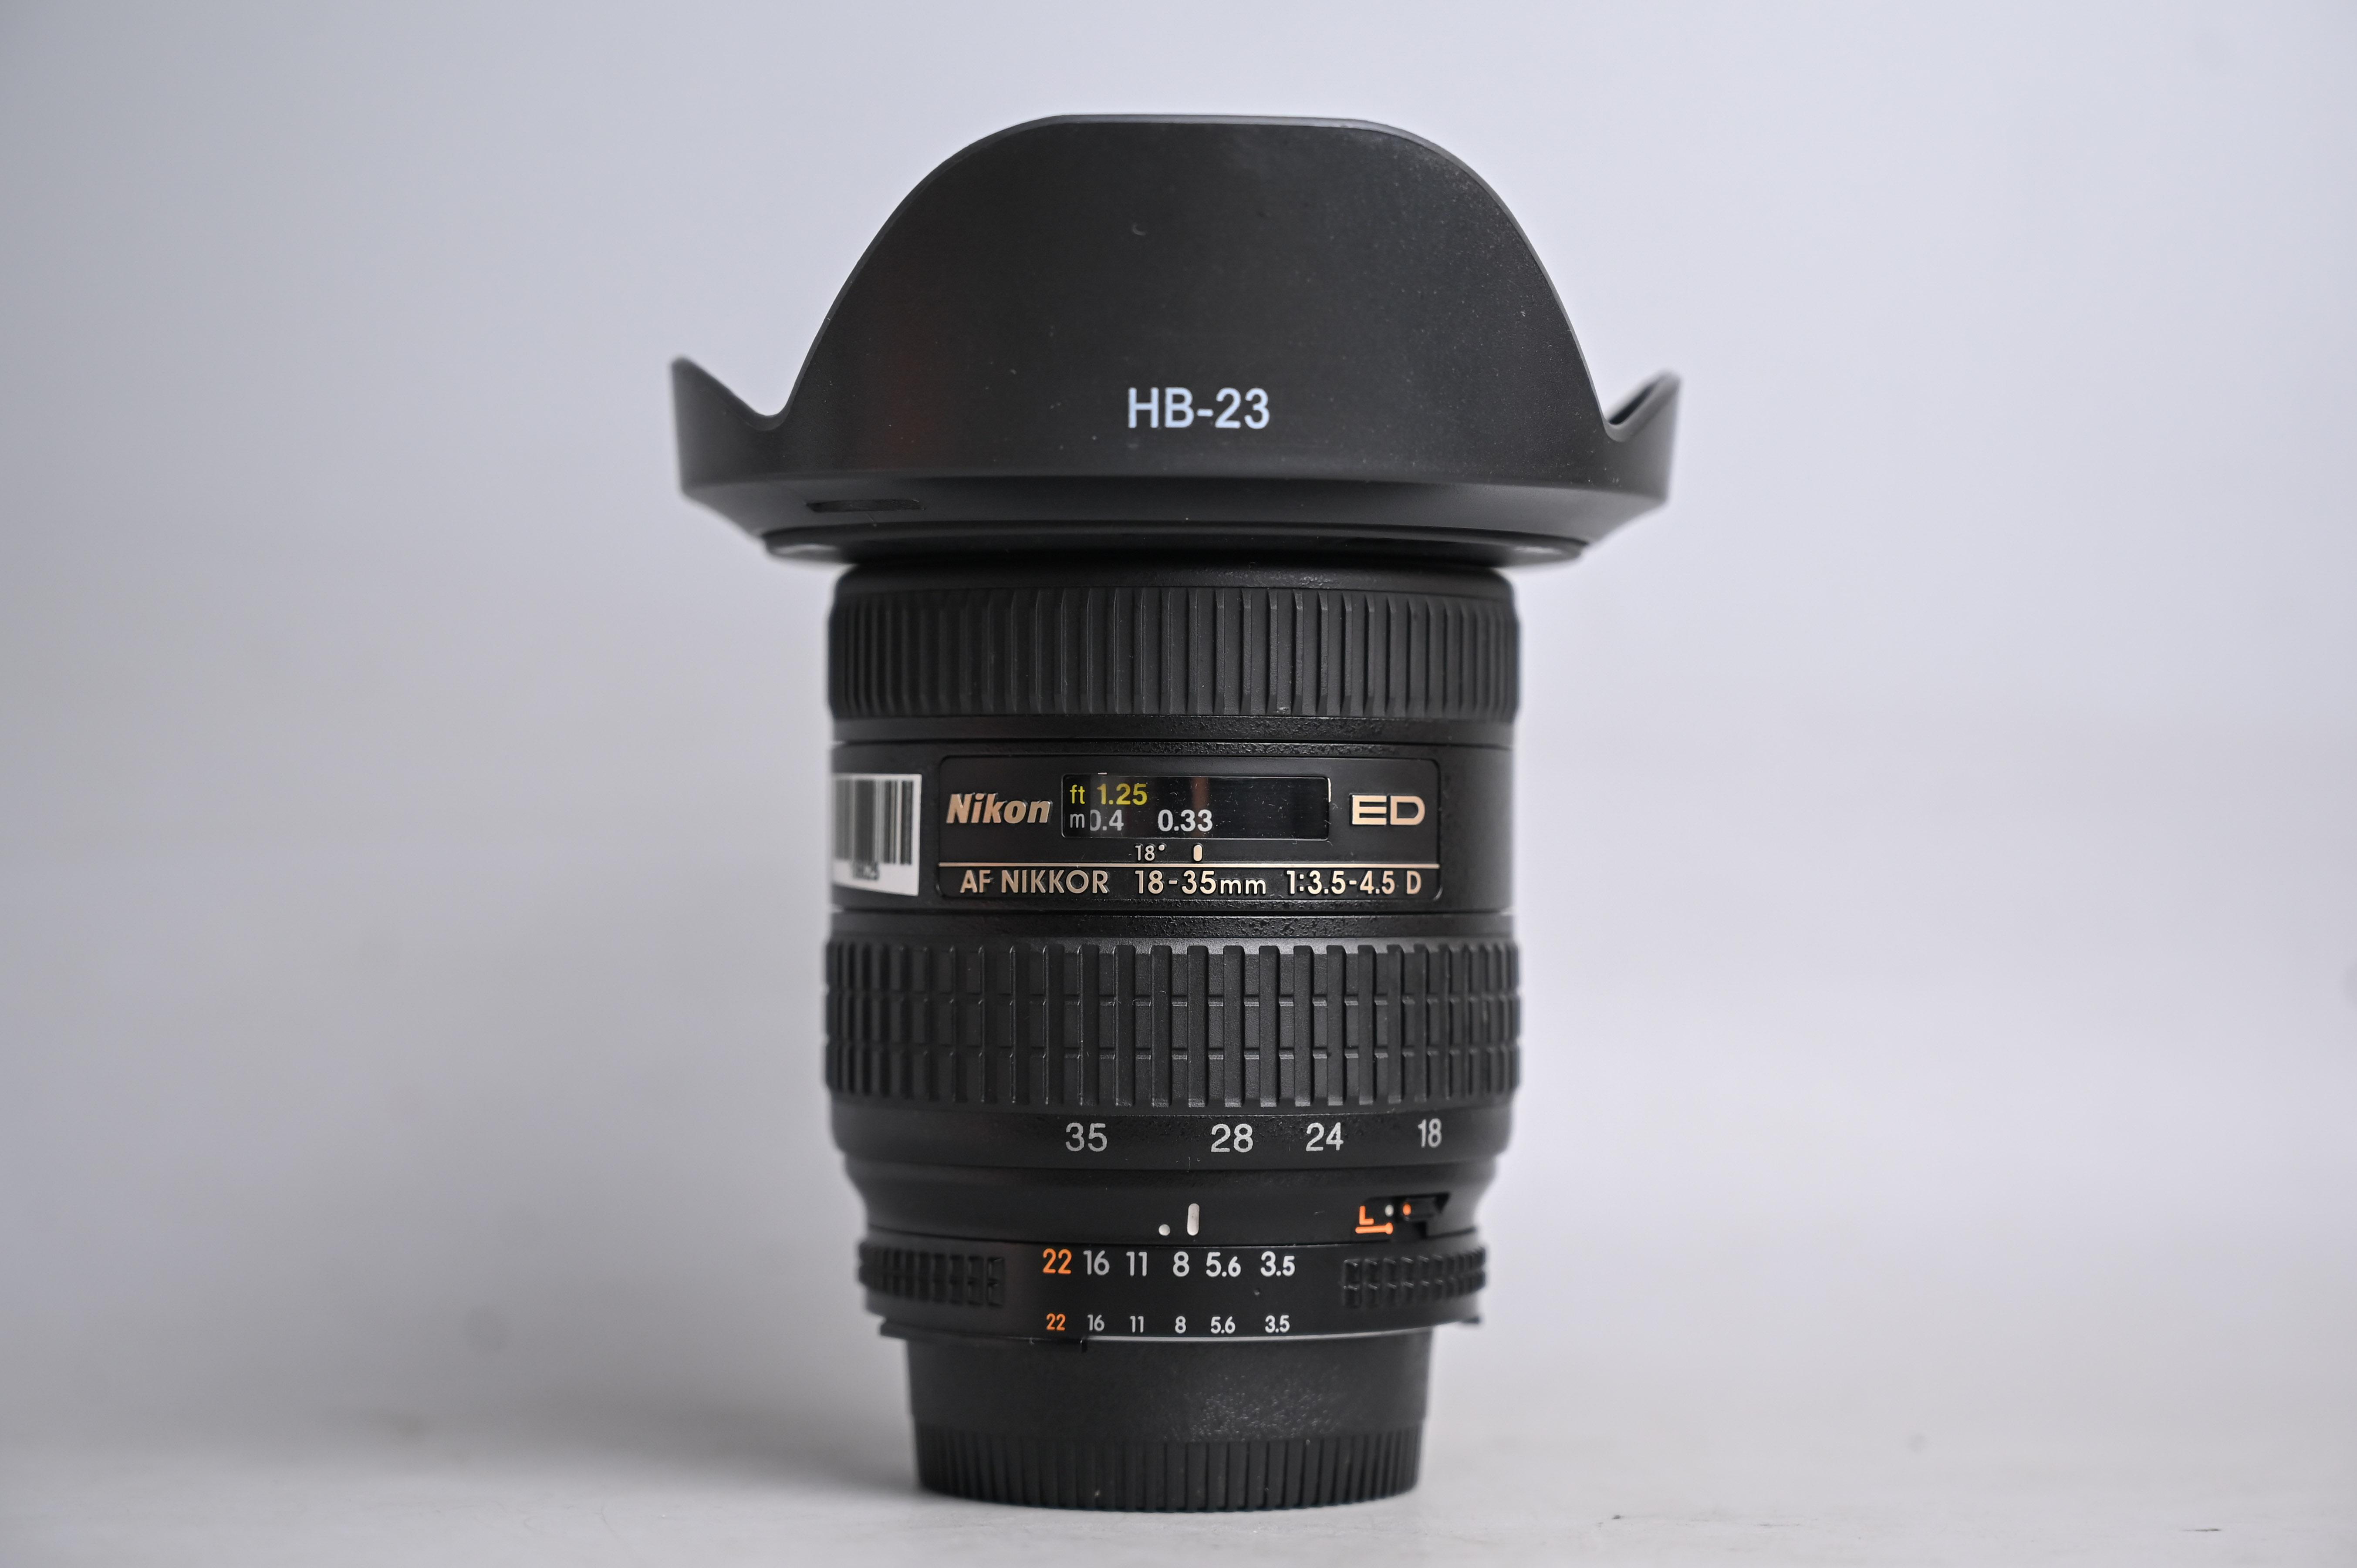 nikon-18-35mm-f3-5-4-5-ed-af-d-18-35-3-5-4-5-18625